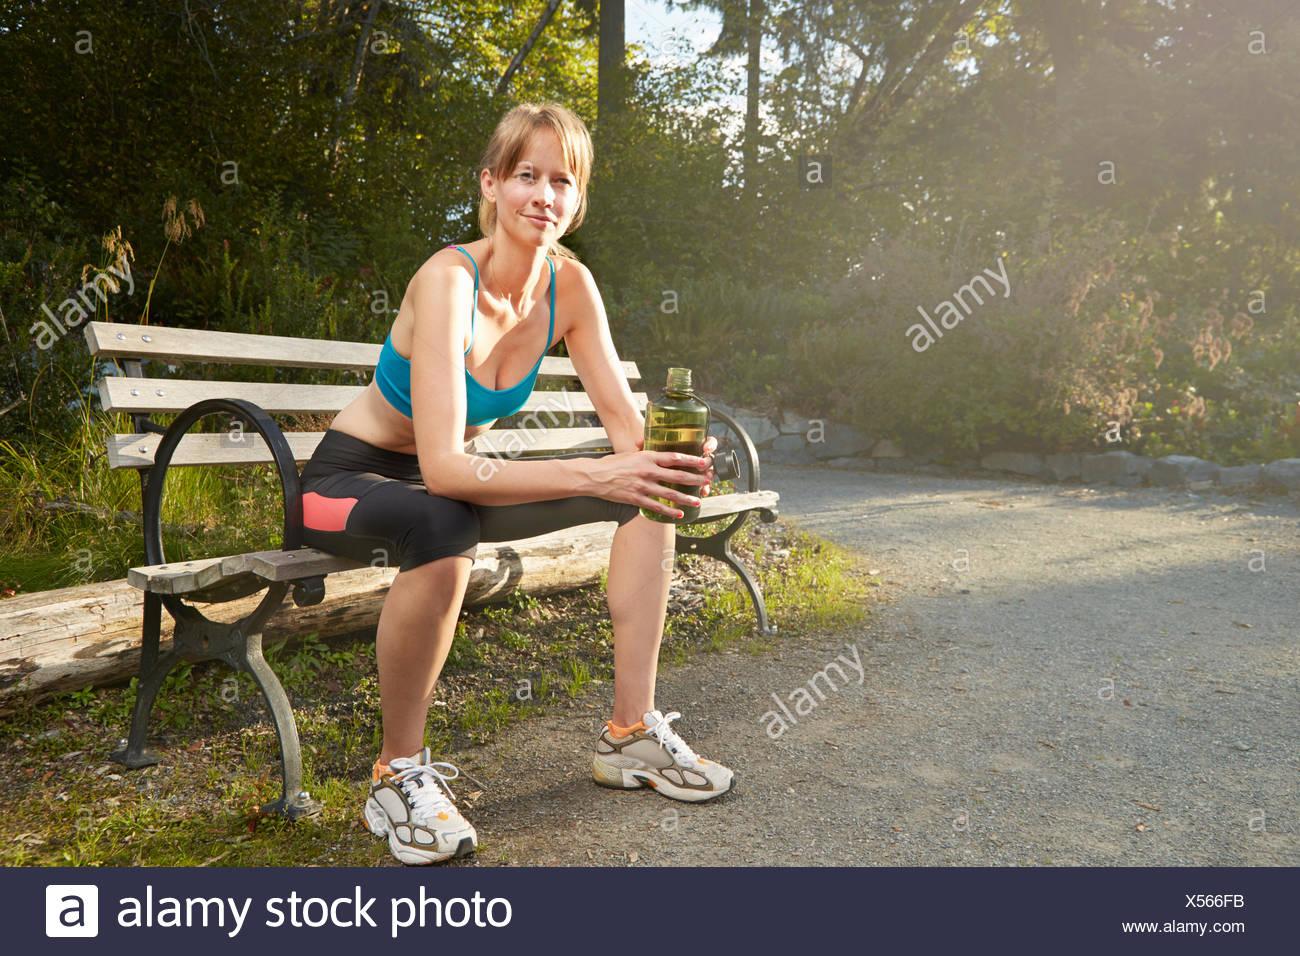 Portrait of smiling female runner taking a break on park bench - Stock Image